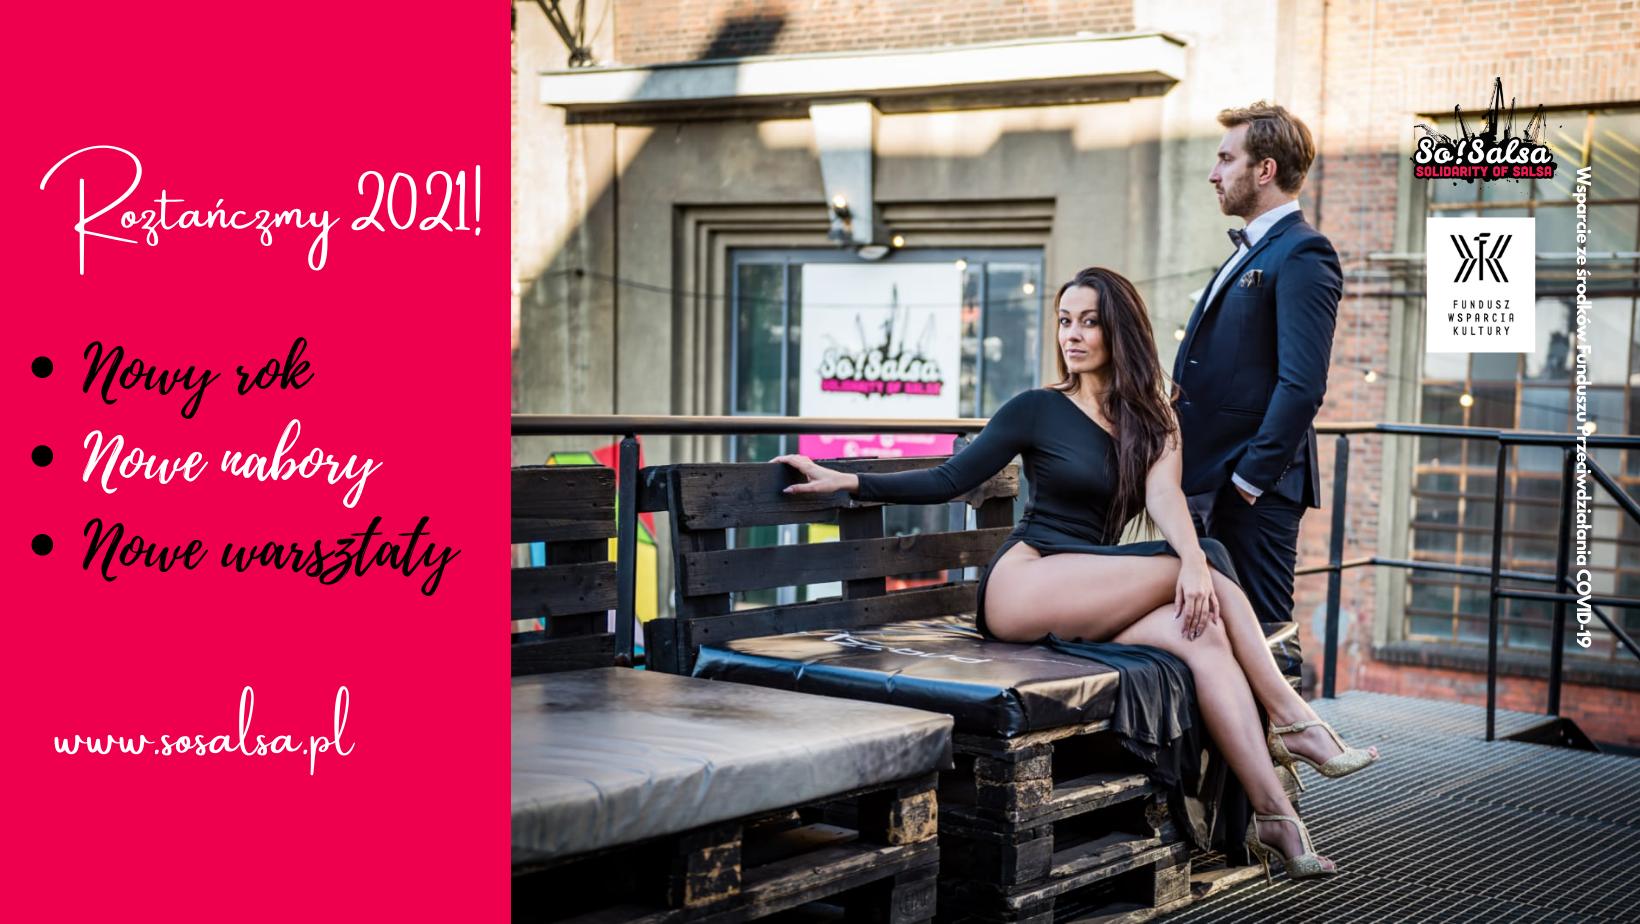 Nowe nabory - wchodzimy w 2021 z So!Salsa tanecznym krokiem!